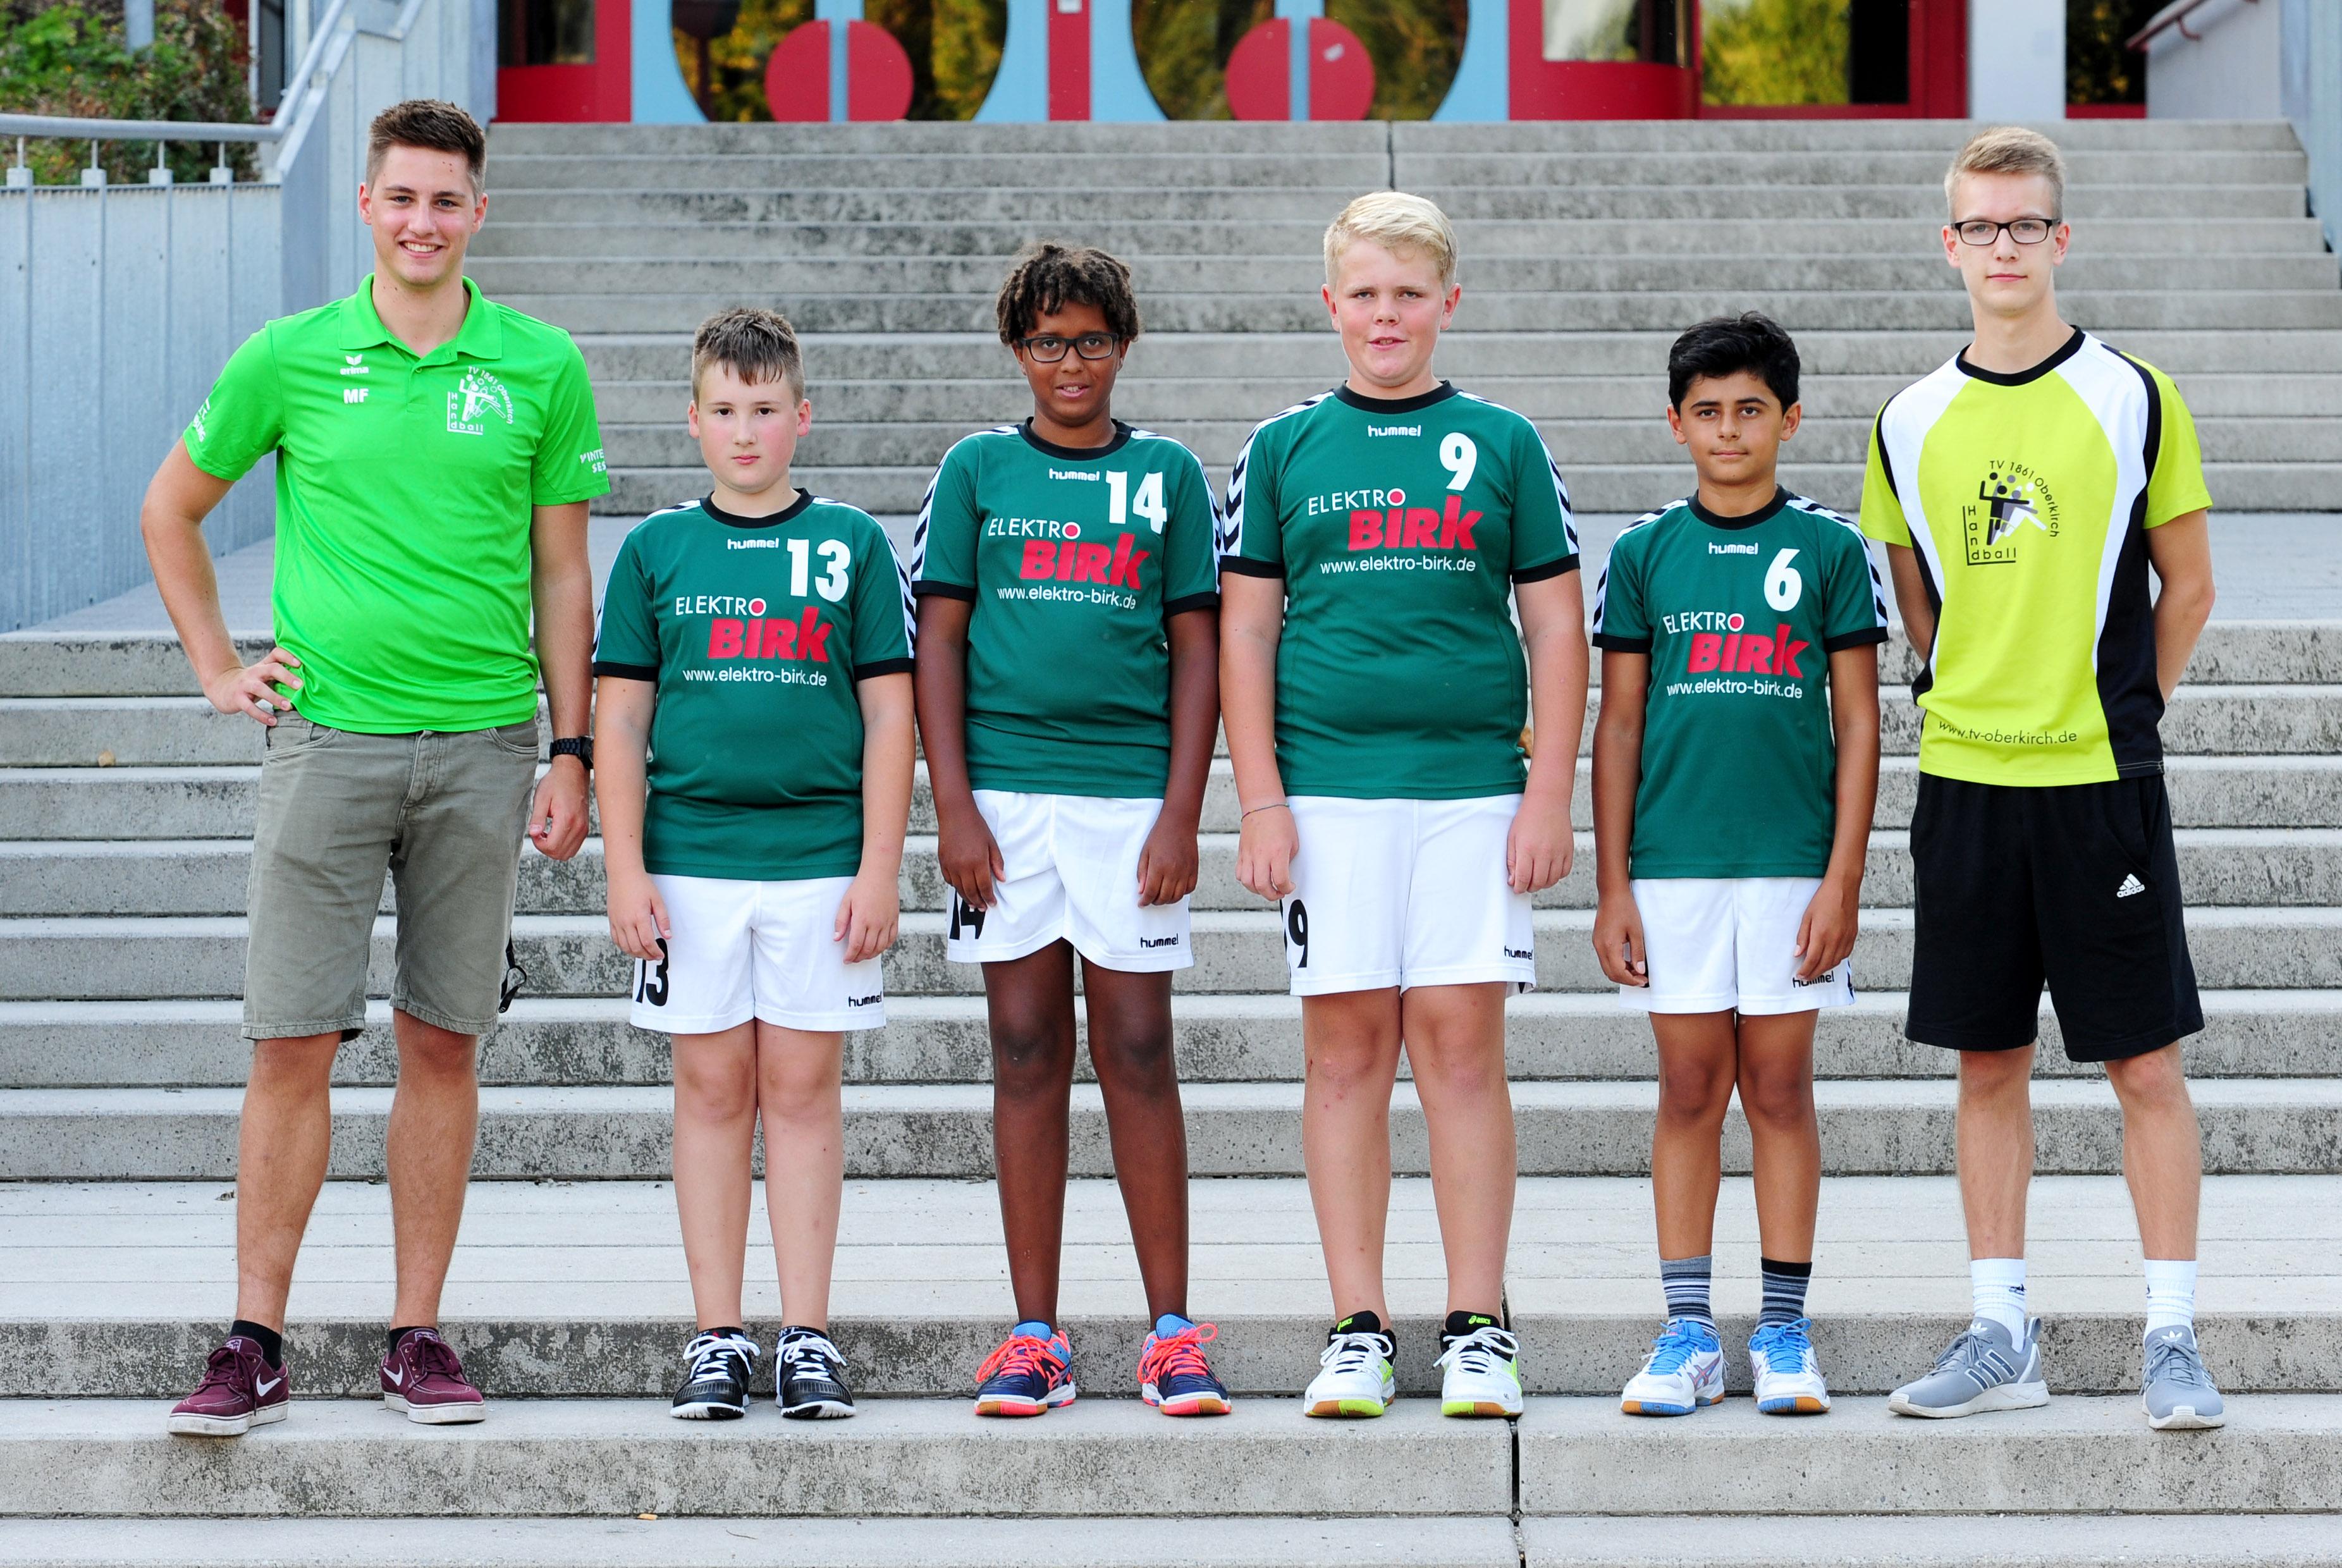 alter d jugend handball